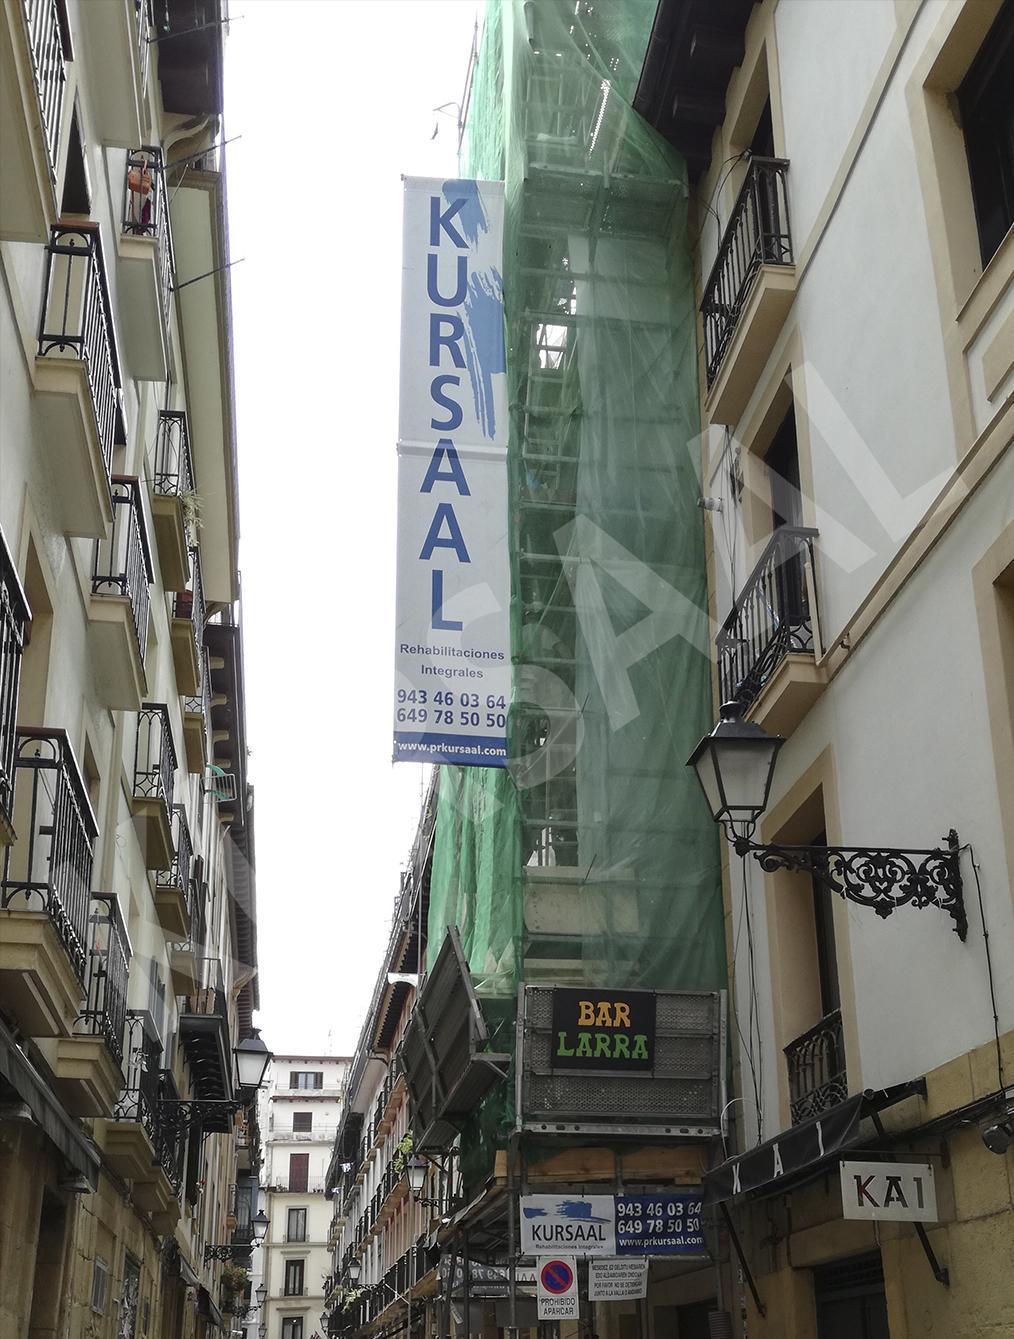 foto 11 - Restauración y patrimonio-Juan de Bilbao 4-DONOSTIA